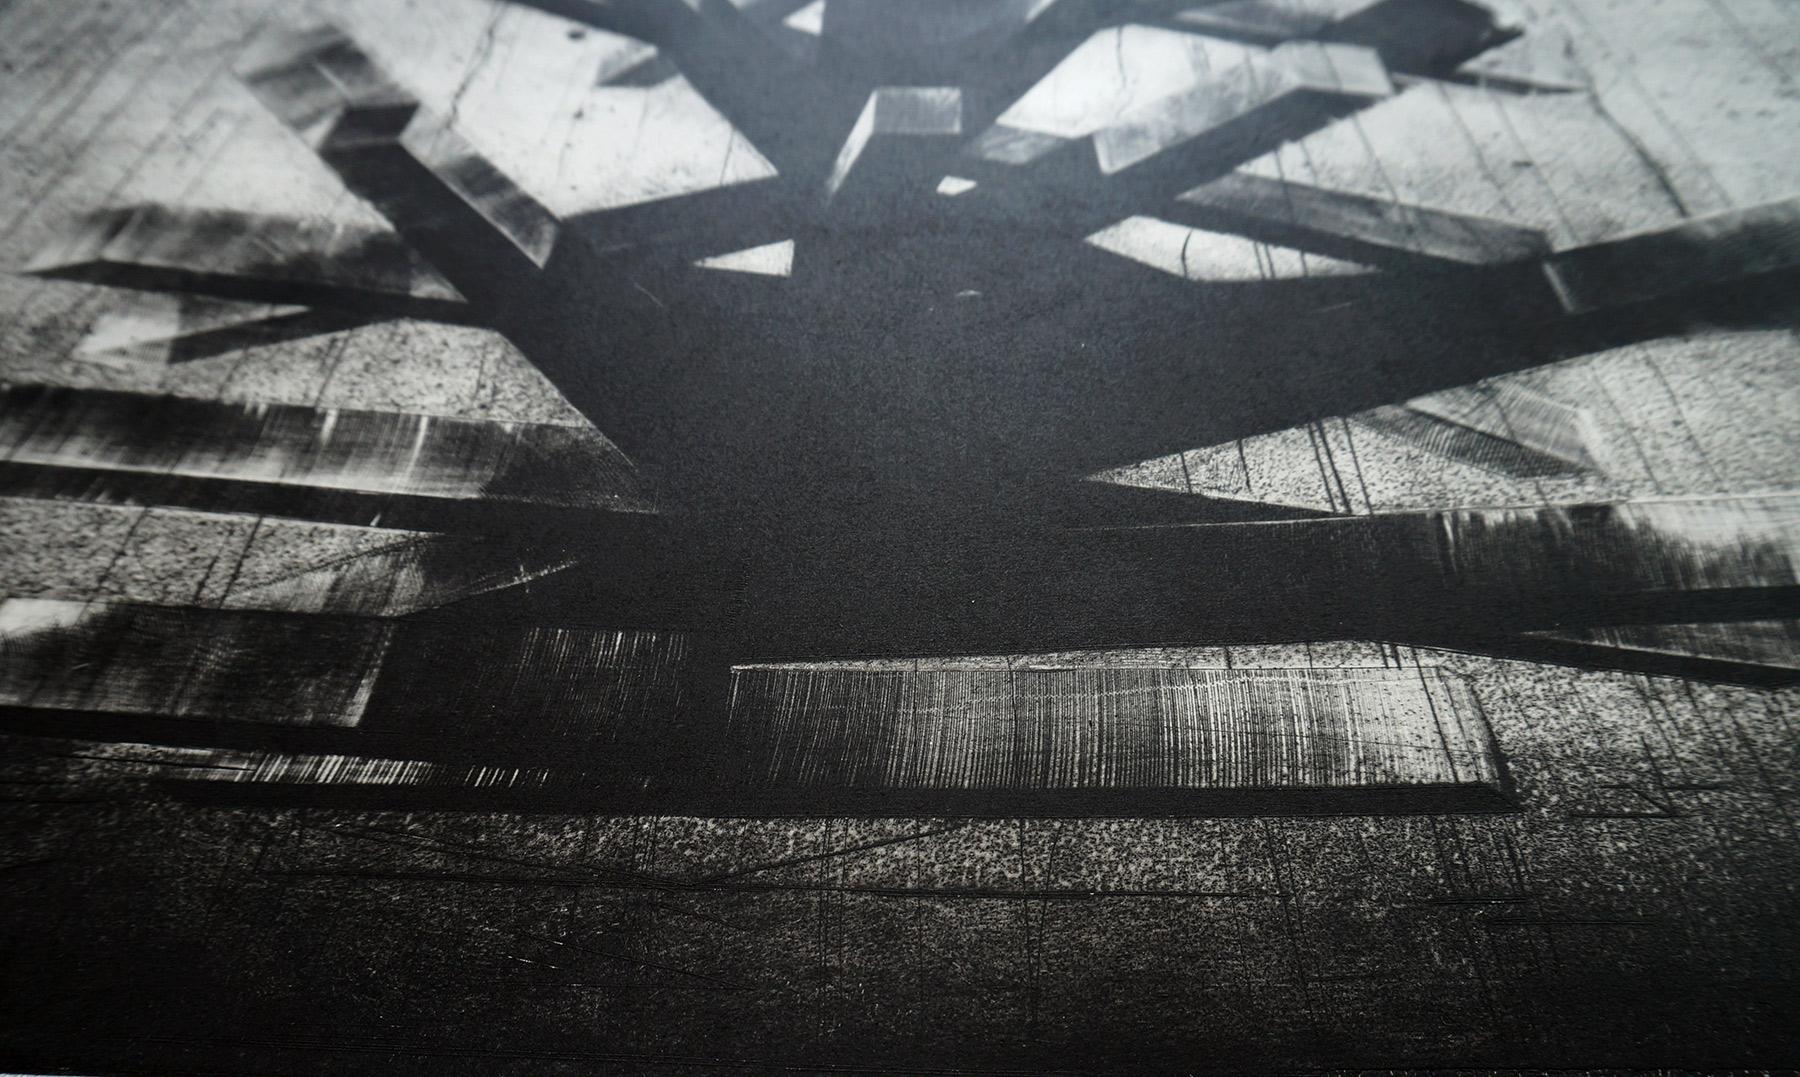 kunsttryk, engraveringer, abstrakte, grafiske, monokrome, arkitektur, mønstre, sorte, grå, hvide, blæk, papir, abstrakte-former, efterår, sort-hvide, dansk, dekorative, design, interiør, bolig-indretning, nordisk, skandinavisk, Køb original kunst og kunstplakater. Malerier, tegninger, limited edition kunsttryk & plakater af dygtige kunstnere.